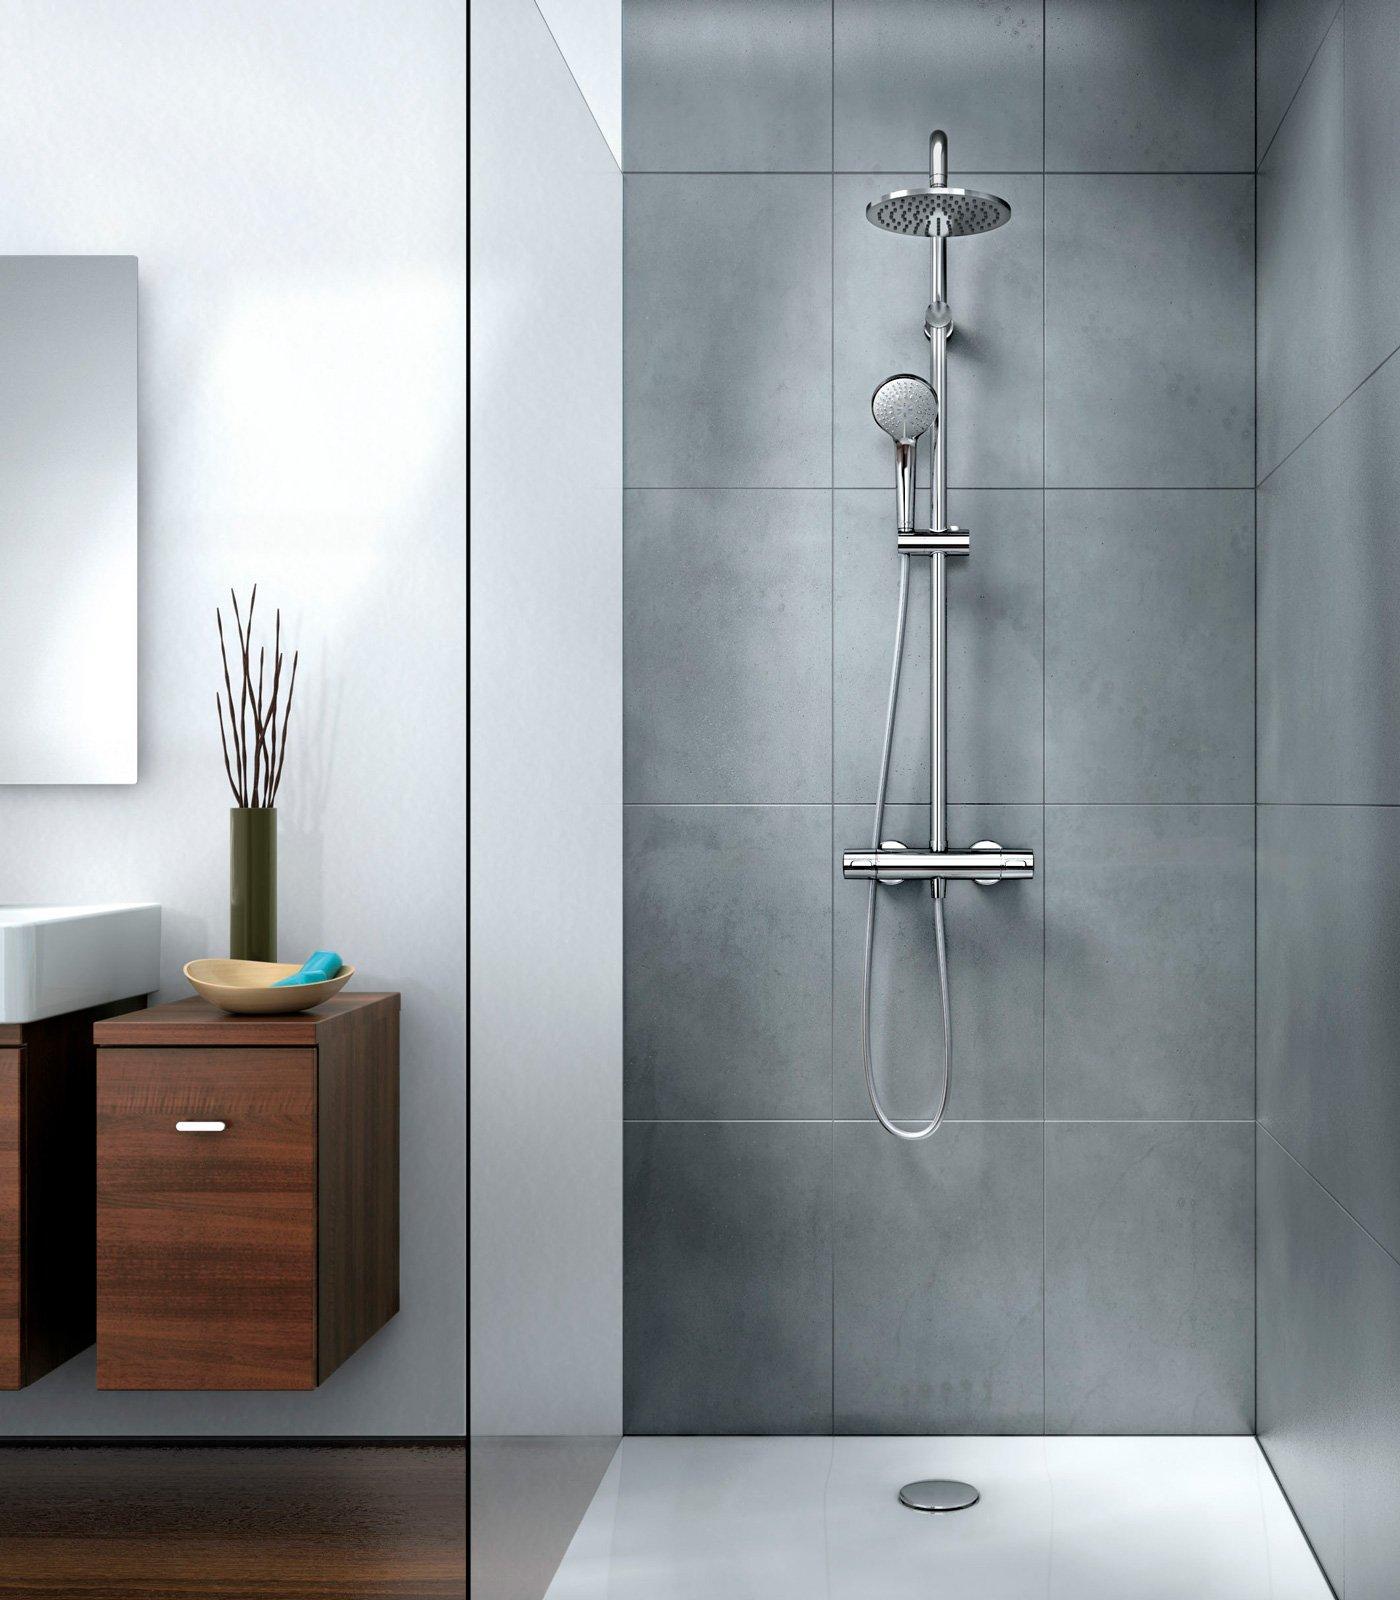 Gruppo doccia soffioni e doccette una coppia per il - Foto di bagni con doccia ...